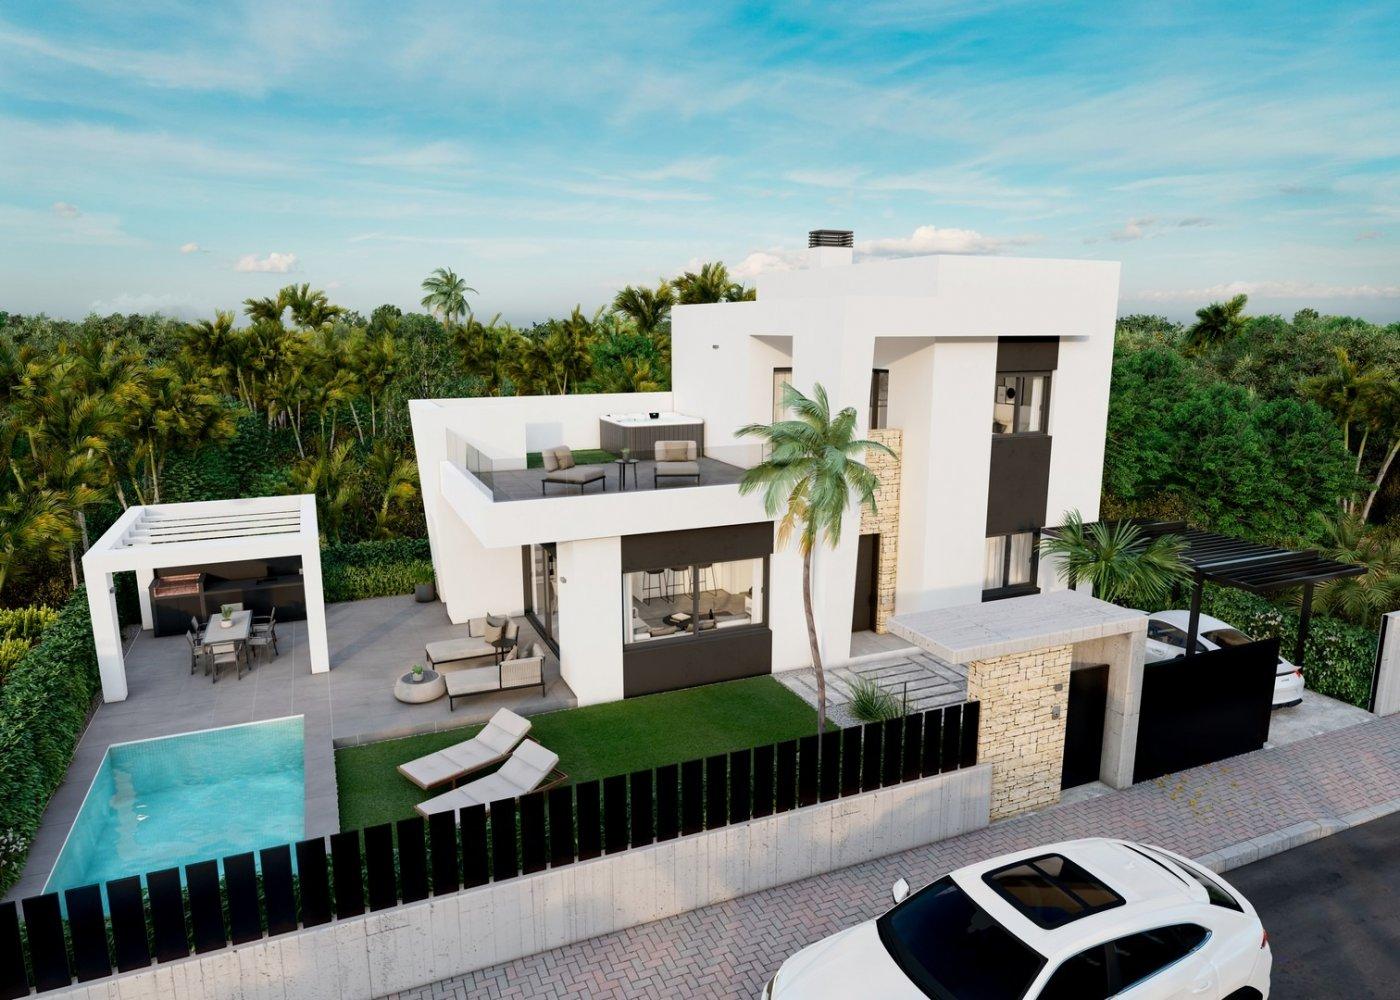 Villas de obra nueva modernas a 900 m del mar!!! - imagenInmueble1